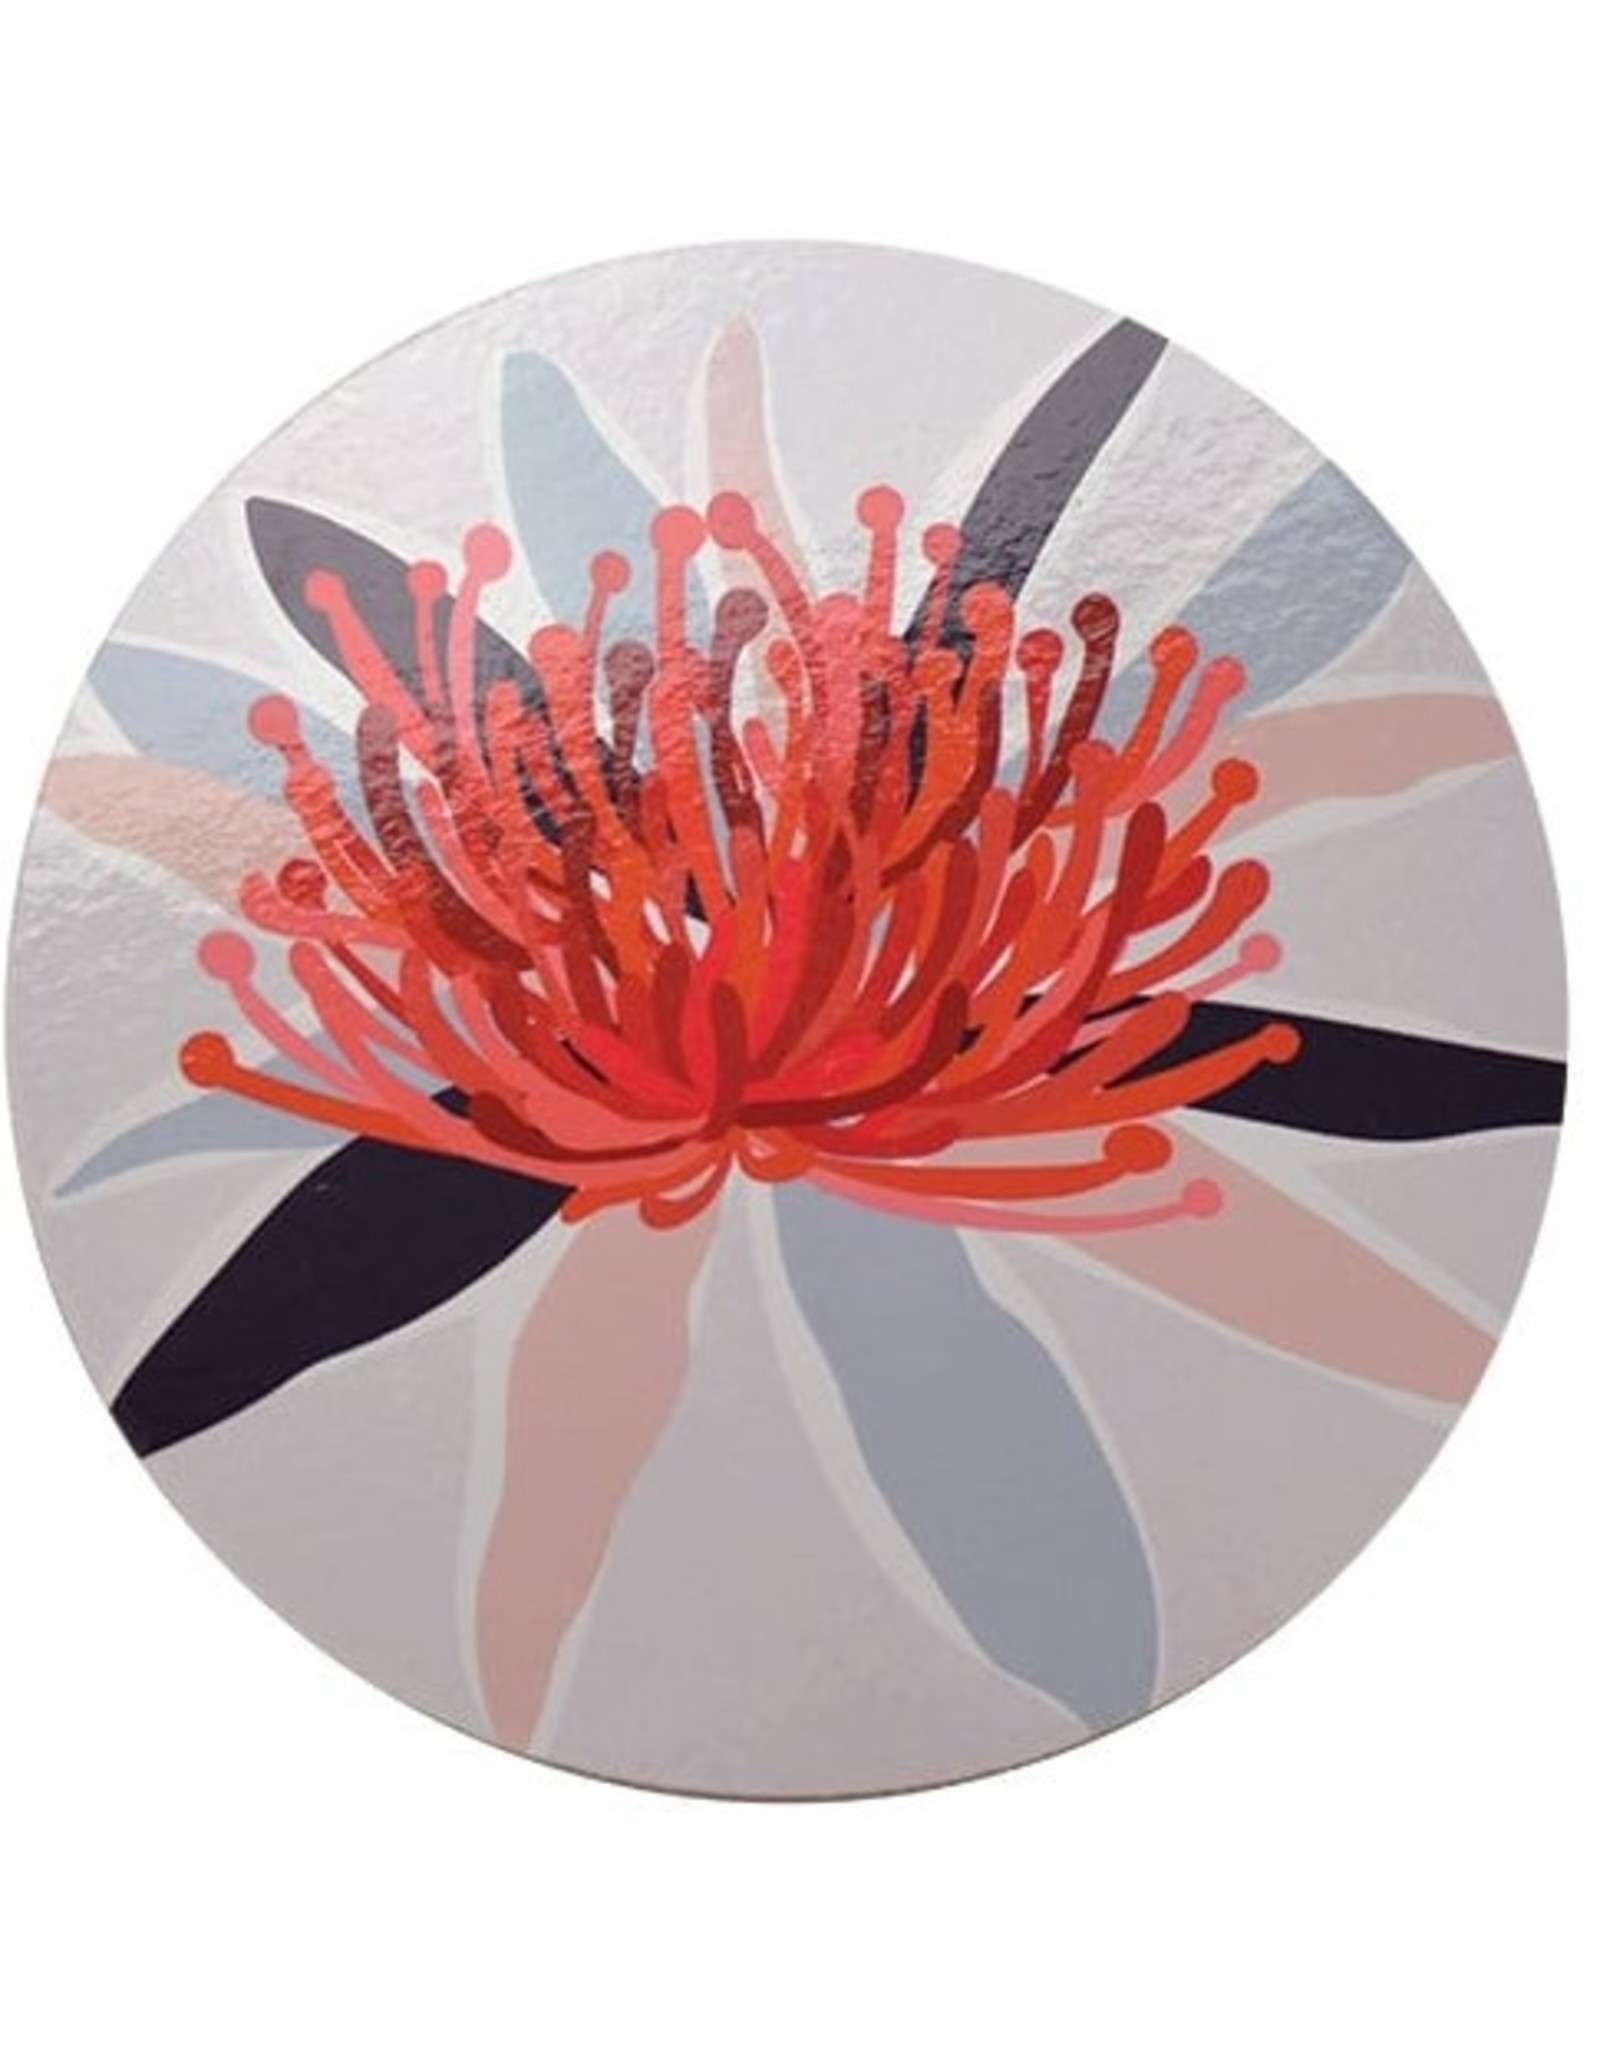 Coaster - Flora JP